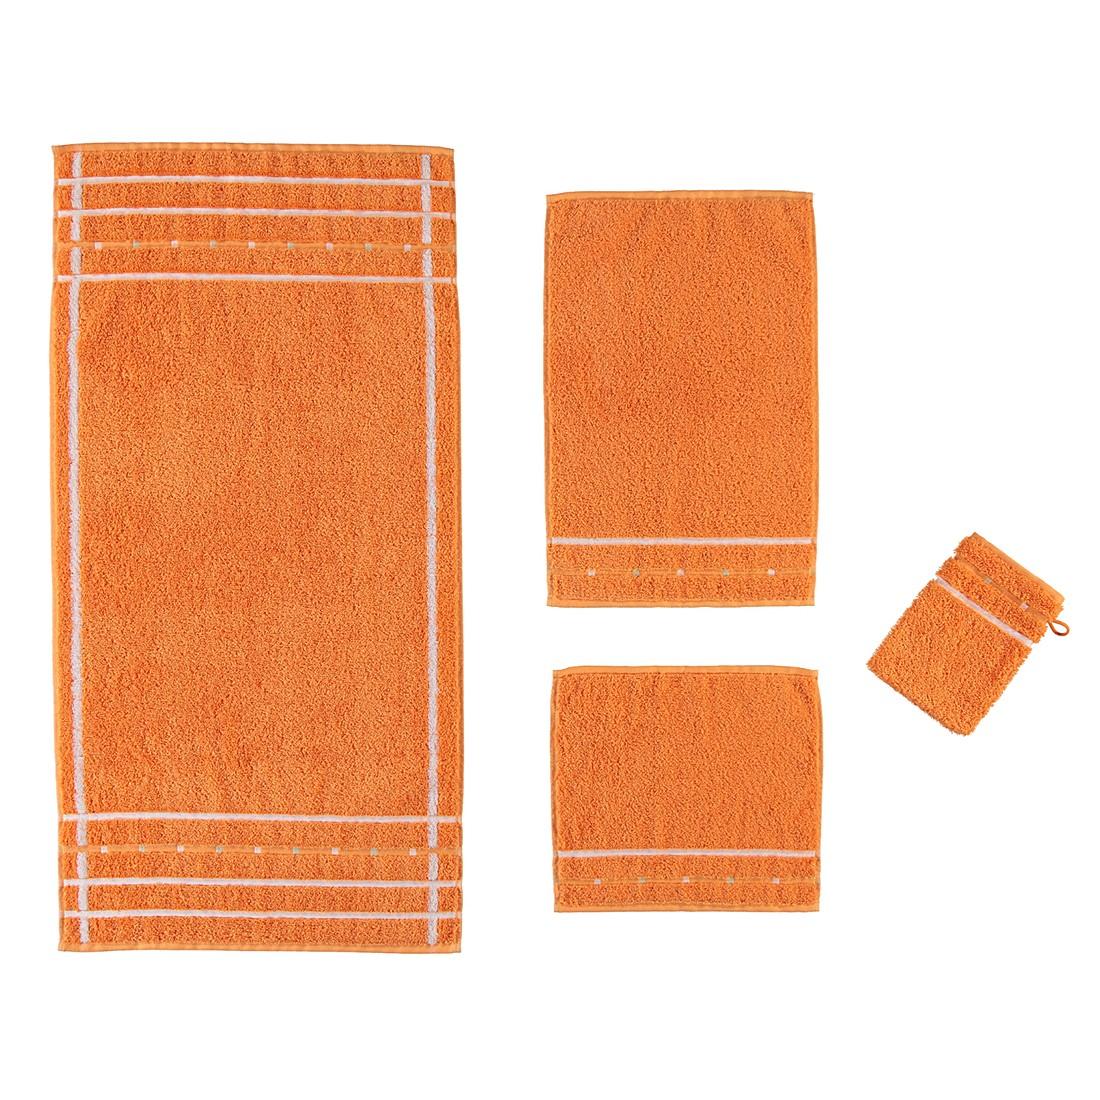 handt cher quadrati baumwolle nectarin wei g stetuch 30x50 cm vossen online bestellen. Black Bedroom Furniture Sets. Home Design Ideas